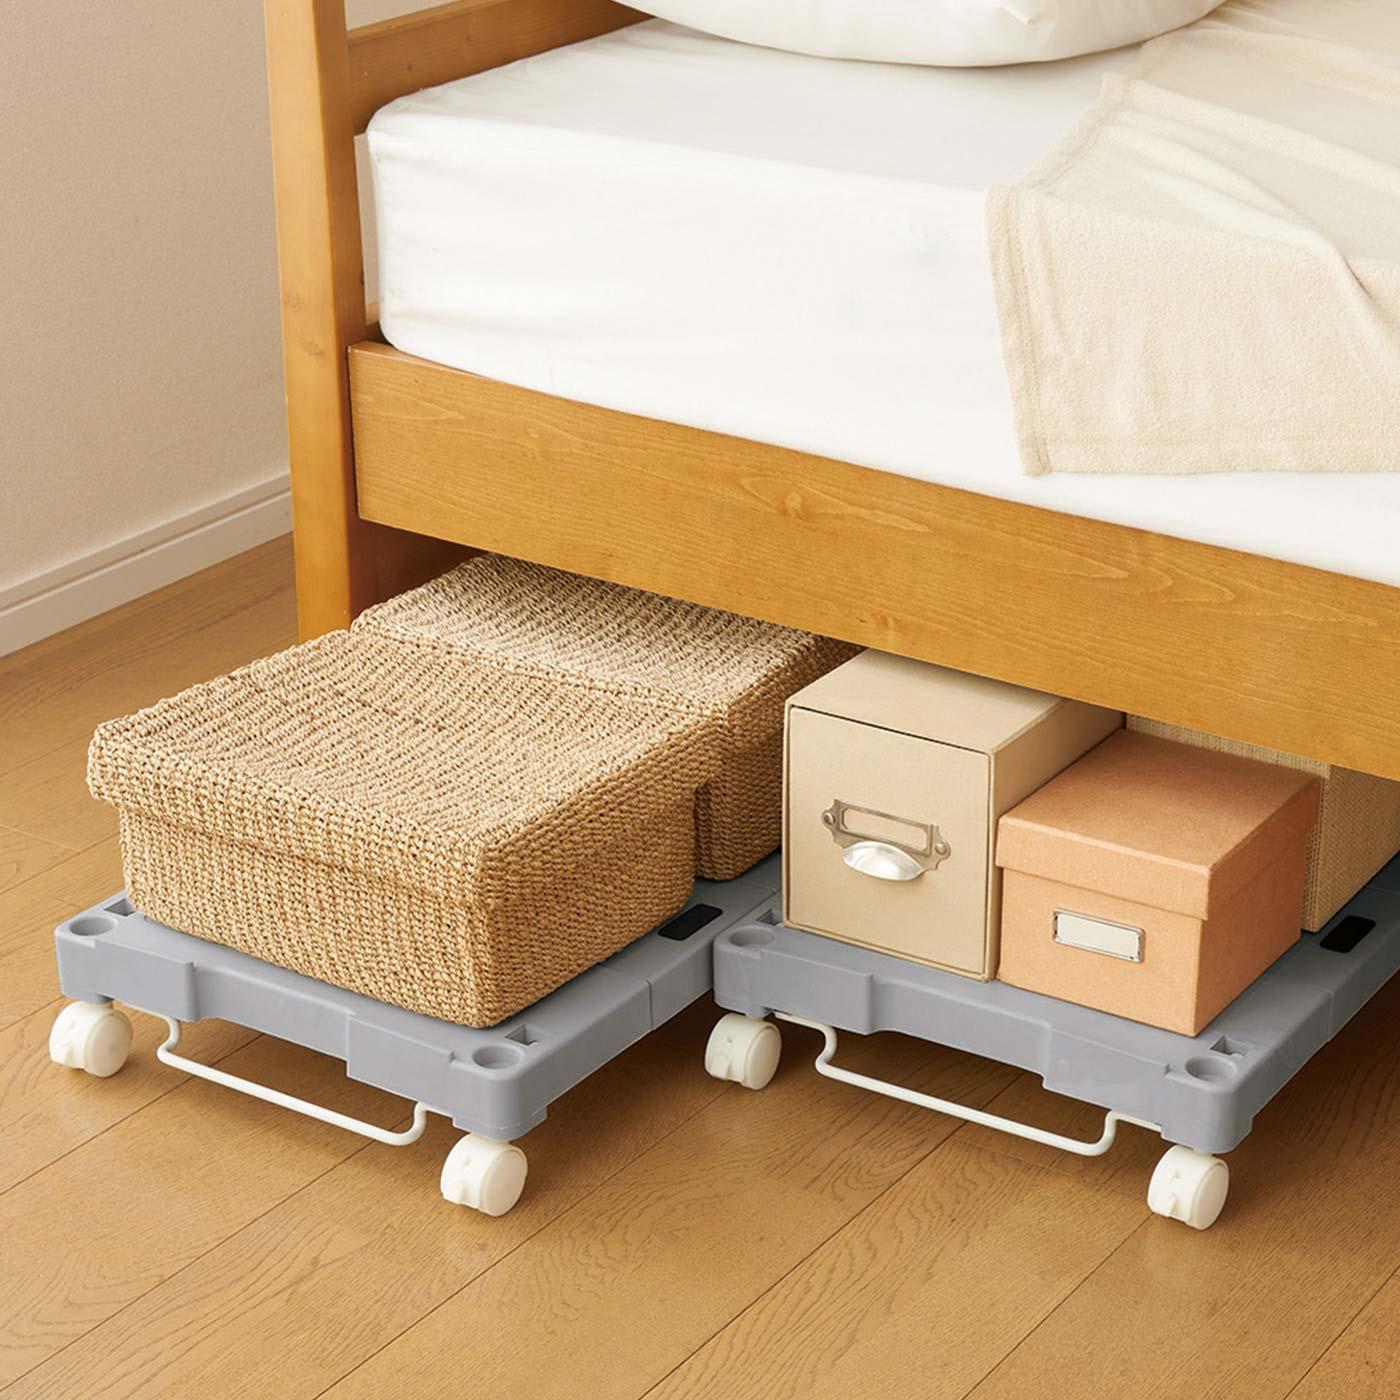 ベッド下収納にも。奥のものが取り出しにくく、置きっぱなしになりがちなベッド下収納も出し入れらくらく。掃除もスムーズに!